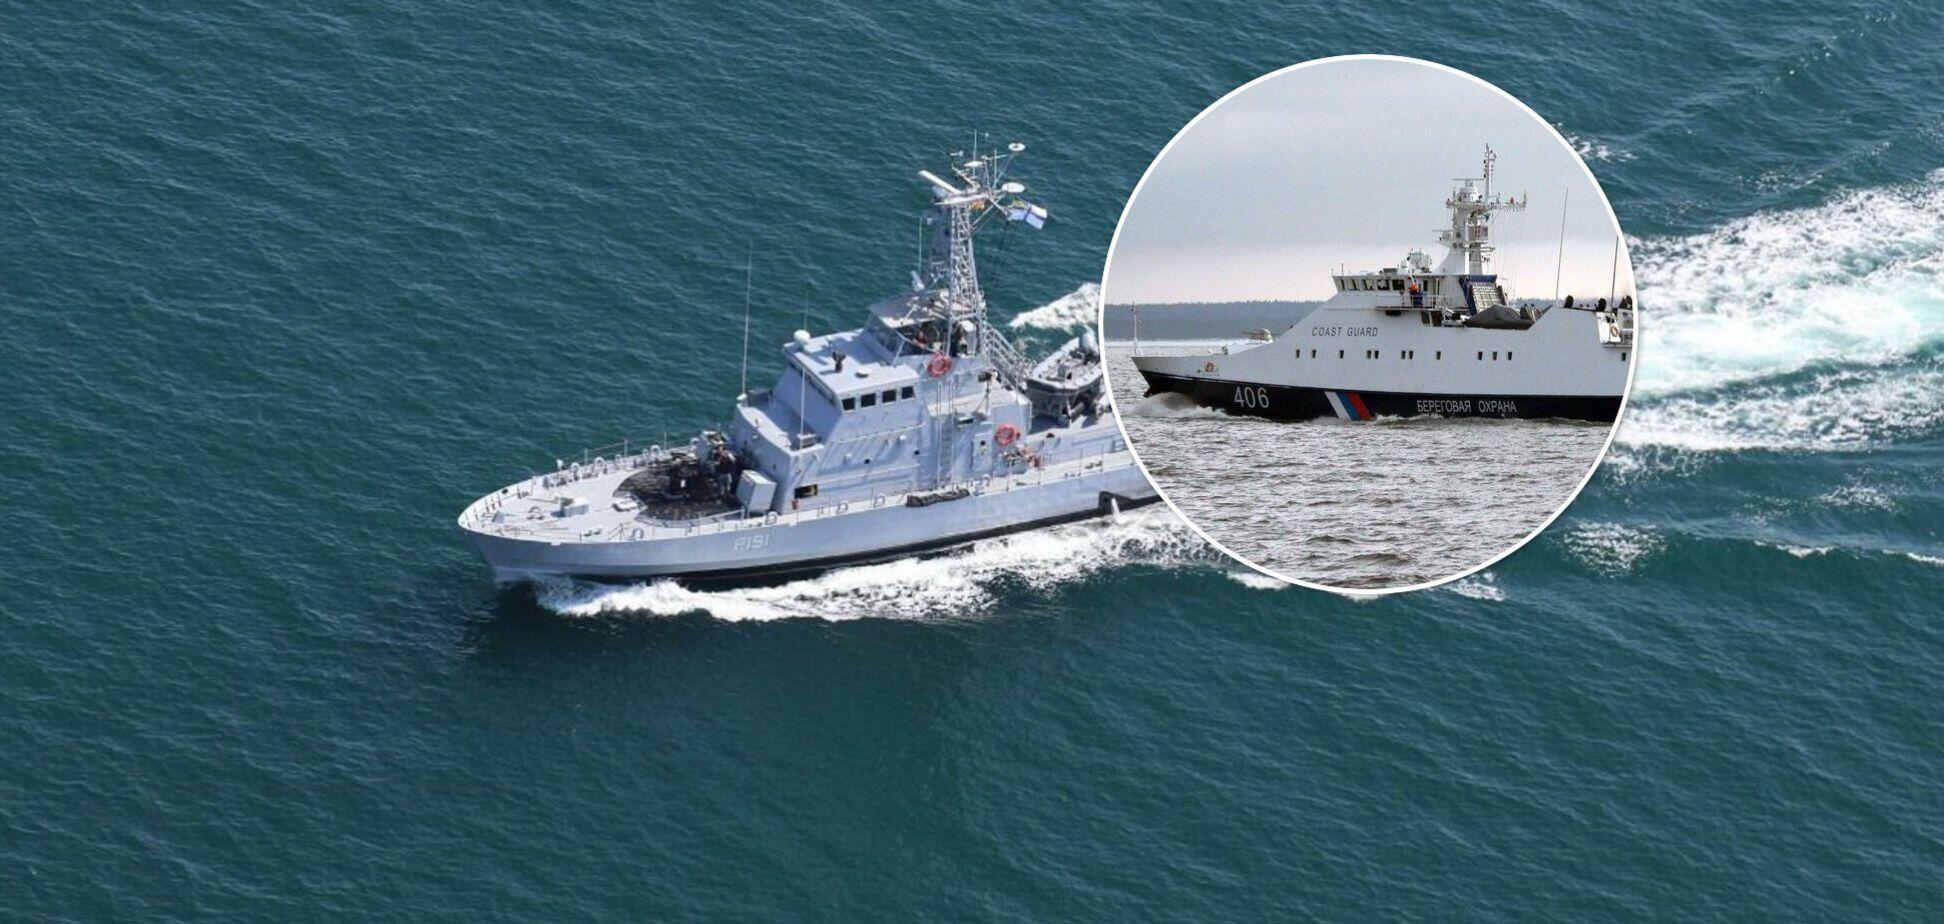 Военные корабли РФ устроили провокацию в Черном море во время учений ВМС ВСУ